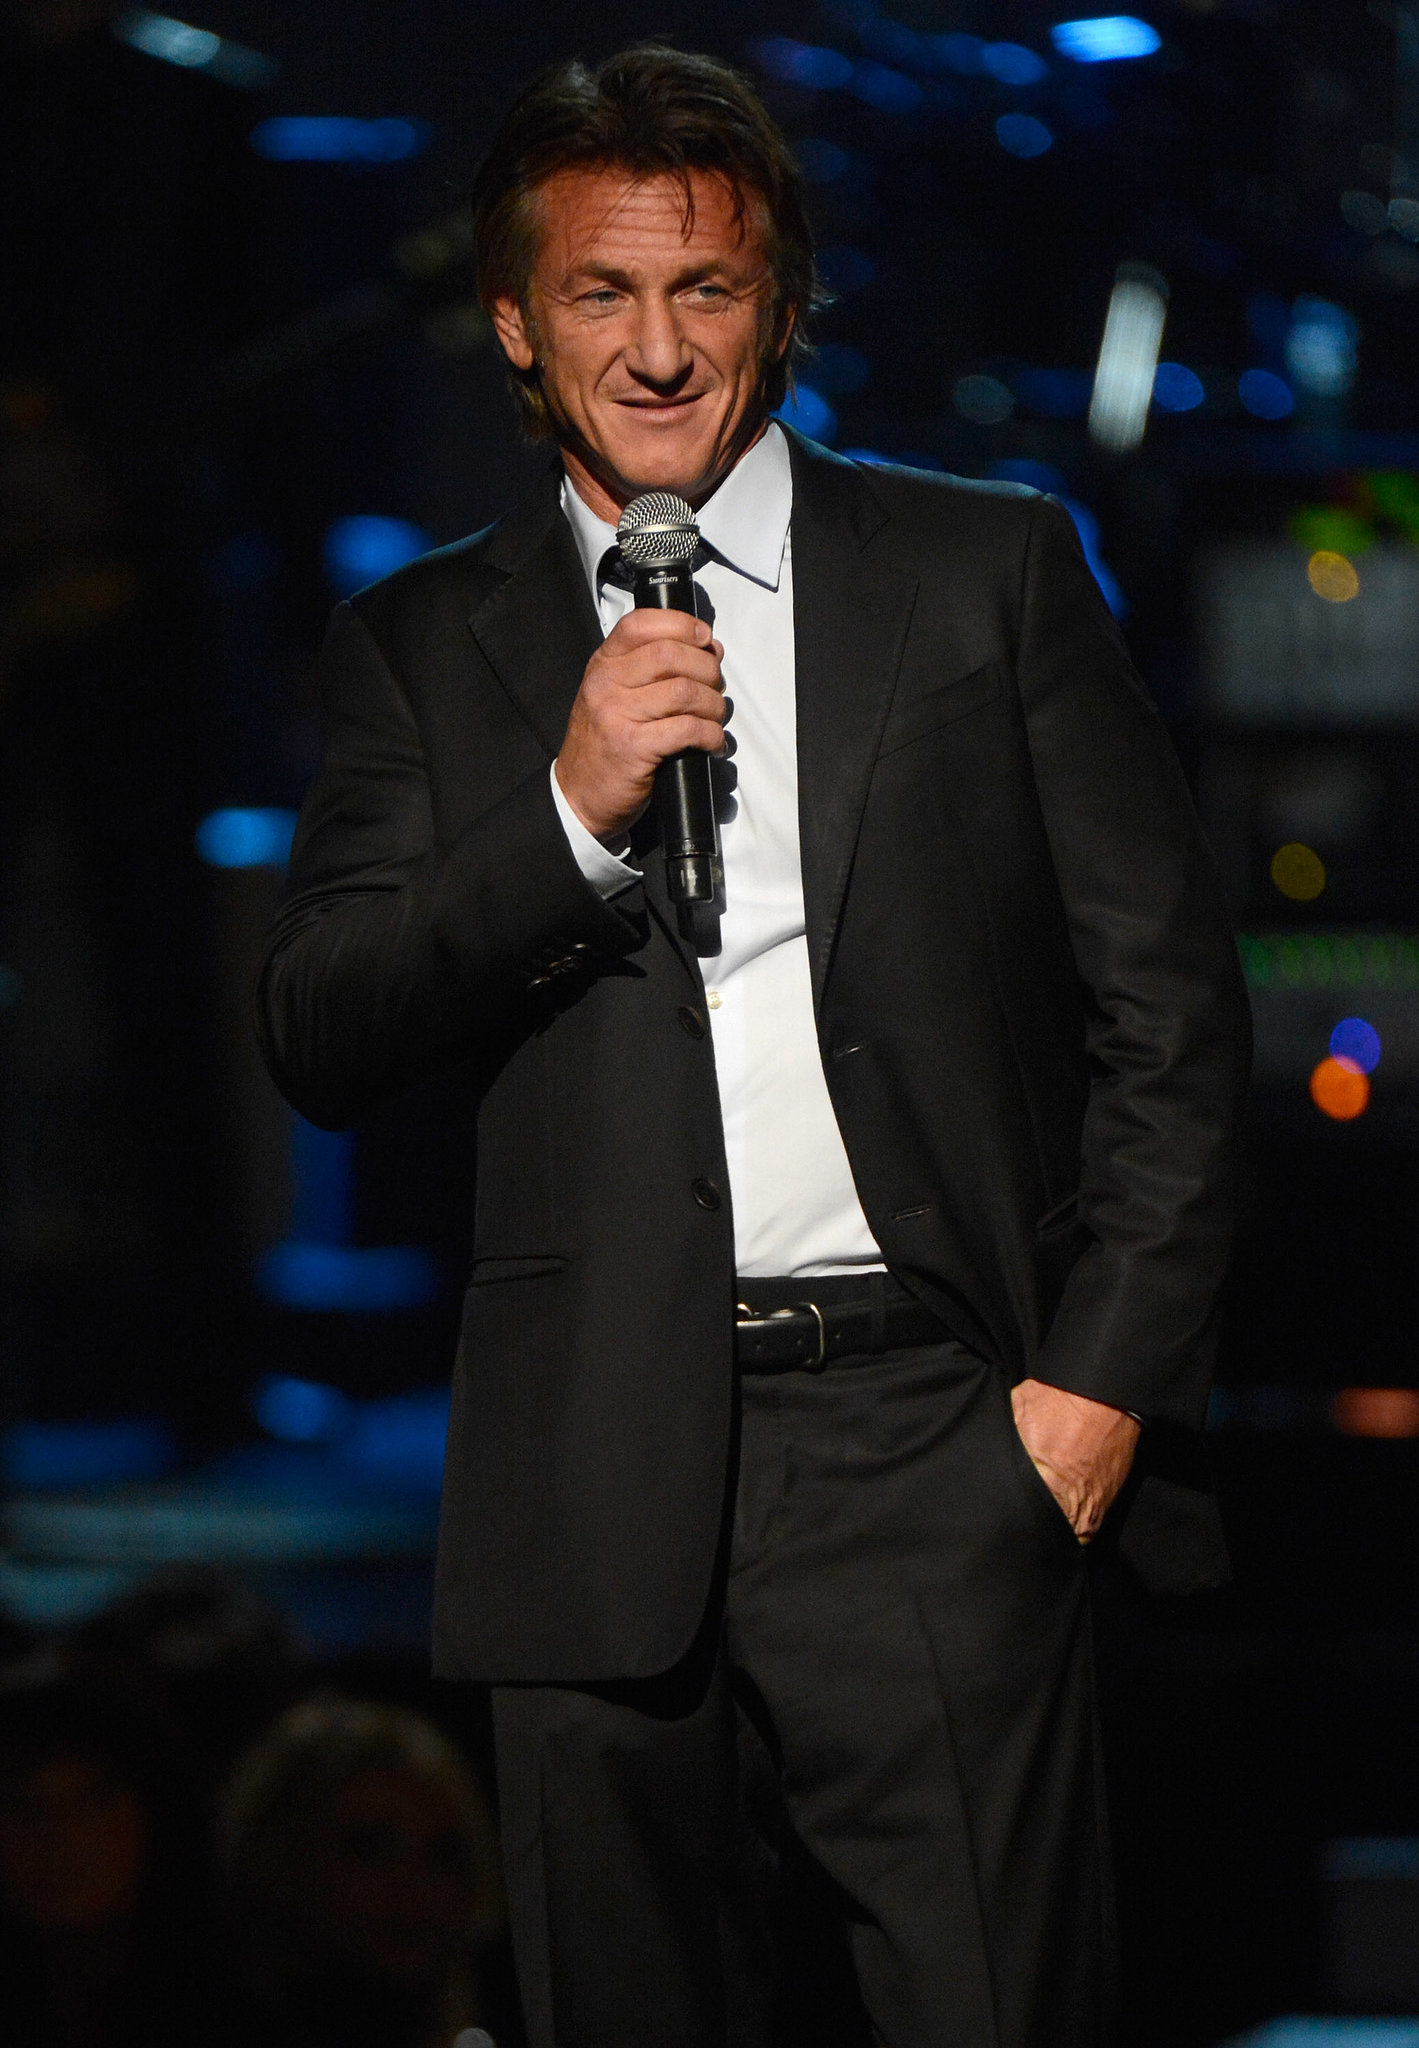 Sean Penn presented at the show.